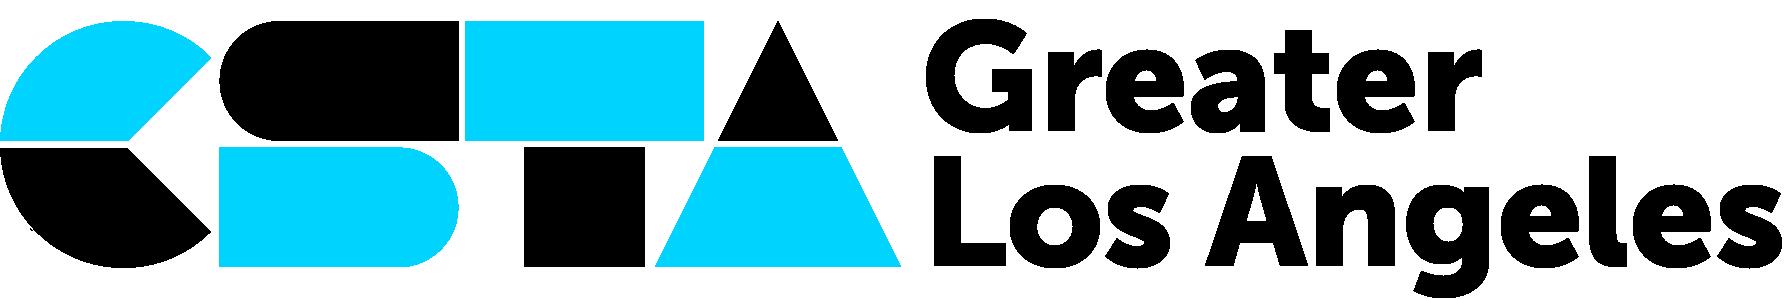 CSTA Southern California logo